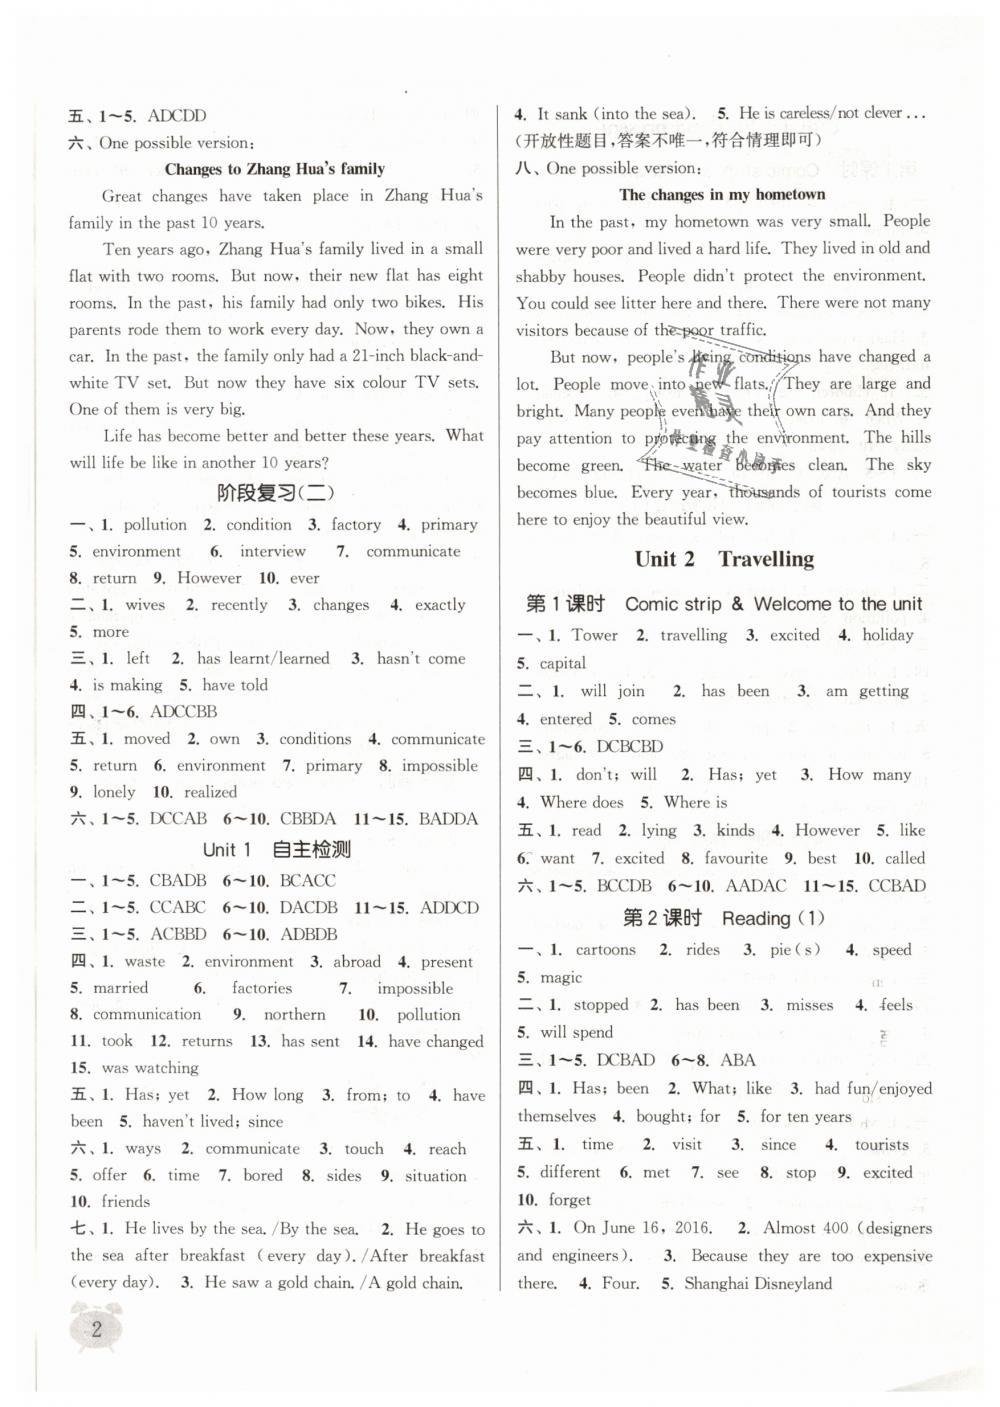 2019年通城学典课时作业本八年级英语下册译林版南通专用第2页